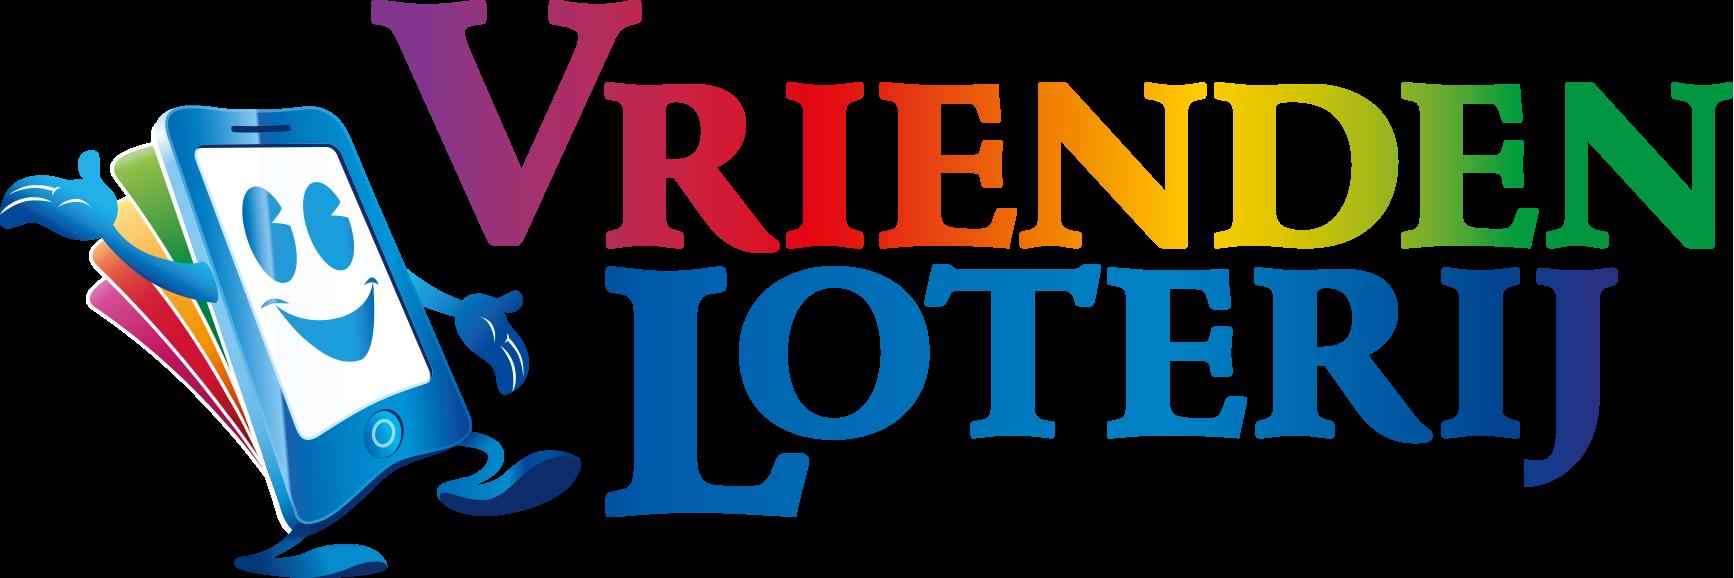 VriendenLoterij Loterijwijz